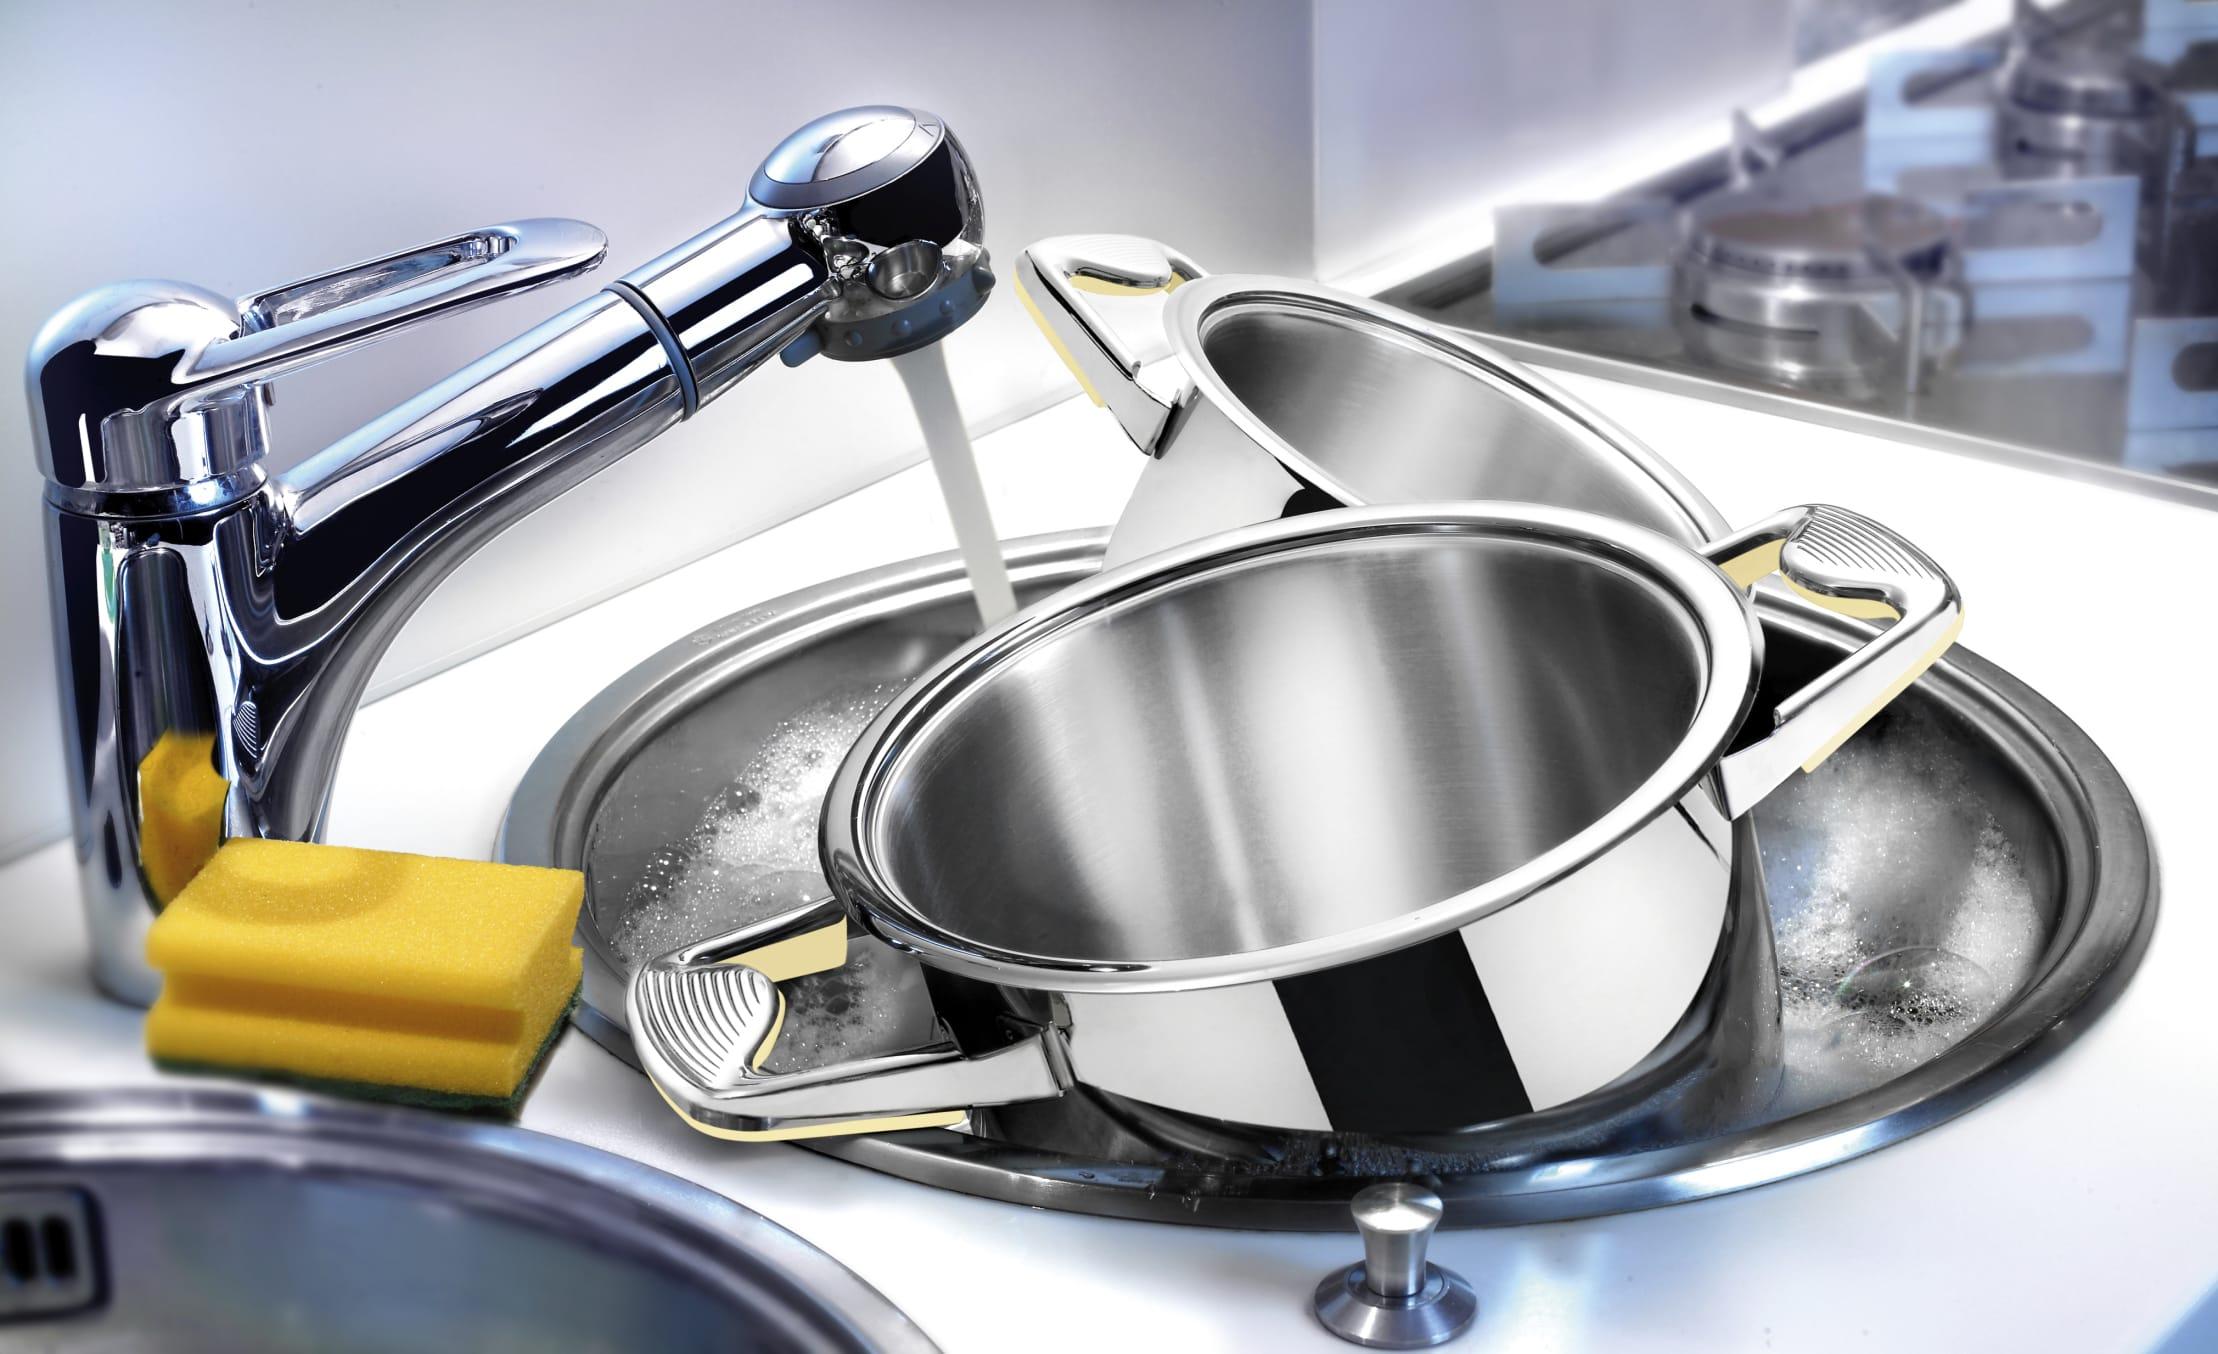 Come ridurre il consumo di acqua ed evitare gli sprechi durante il lavaggio dei piatti